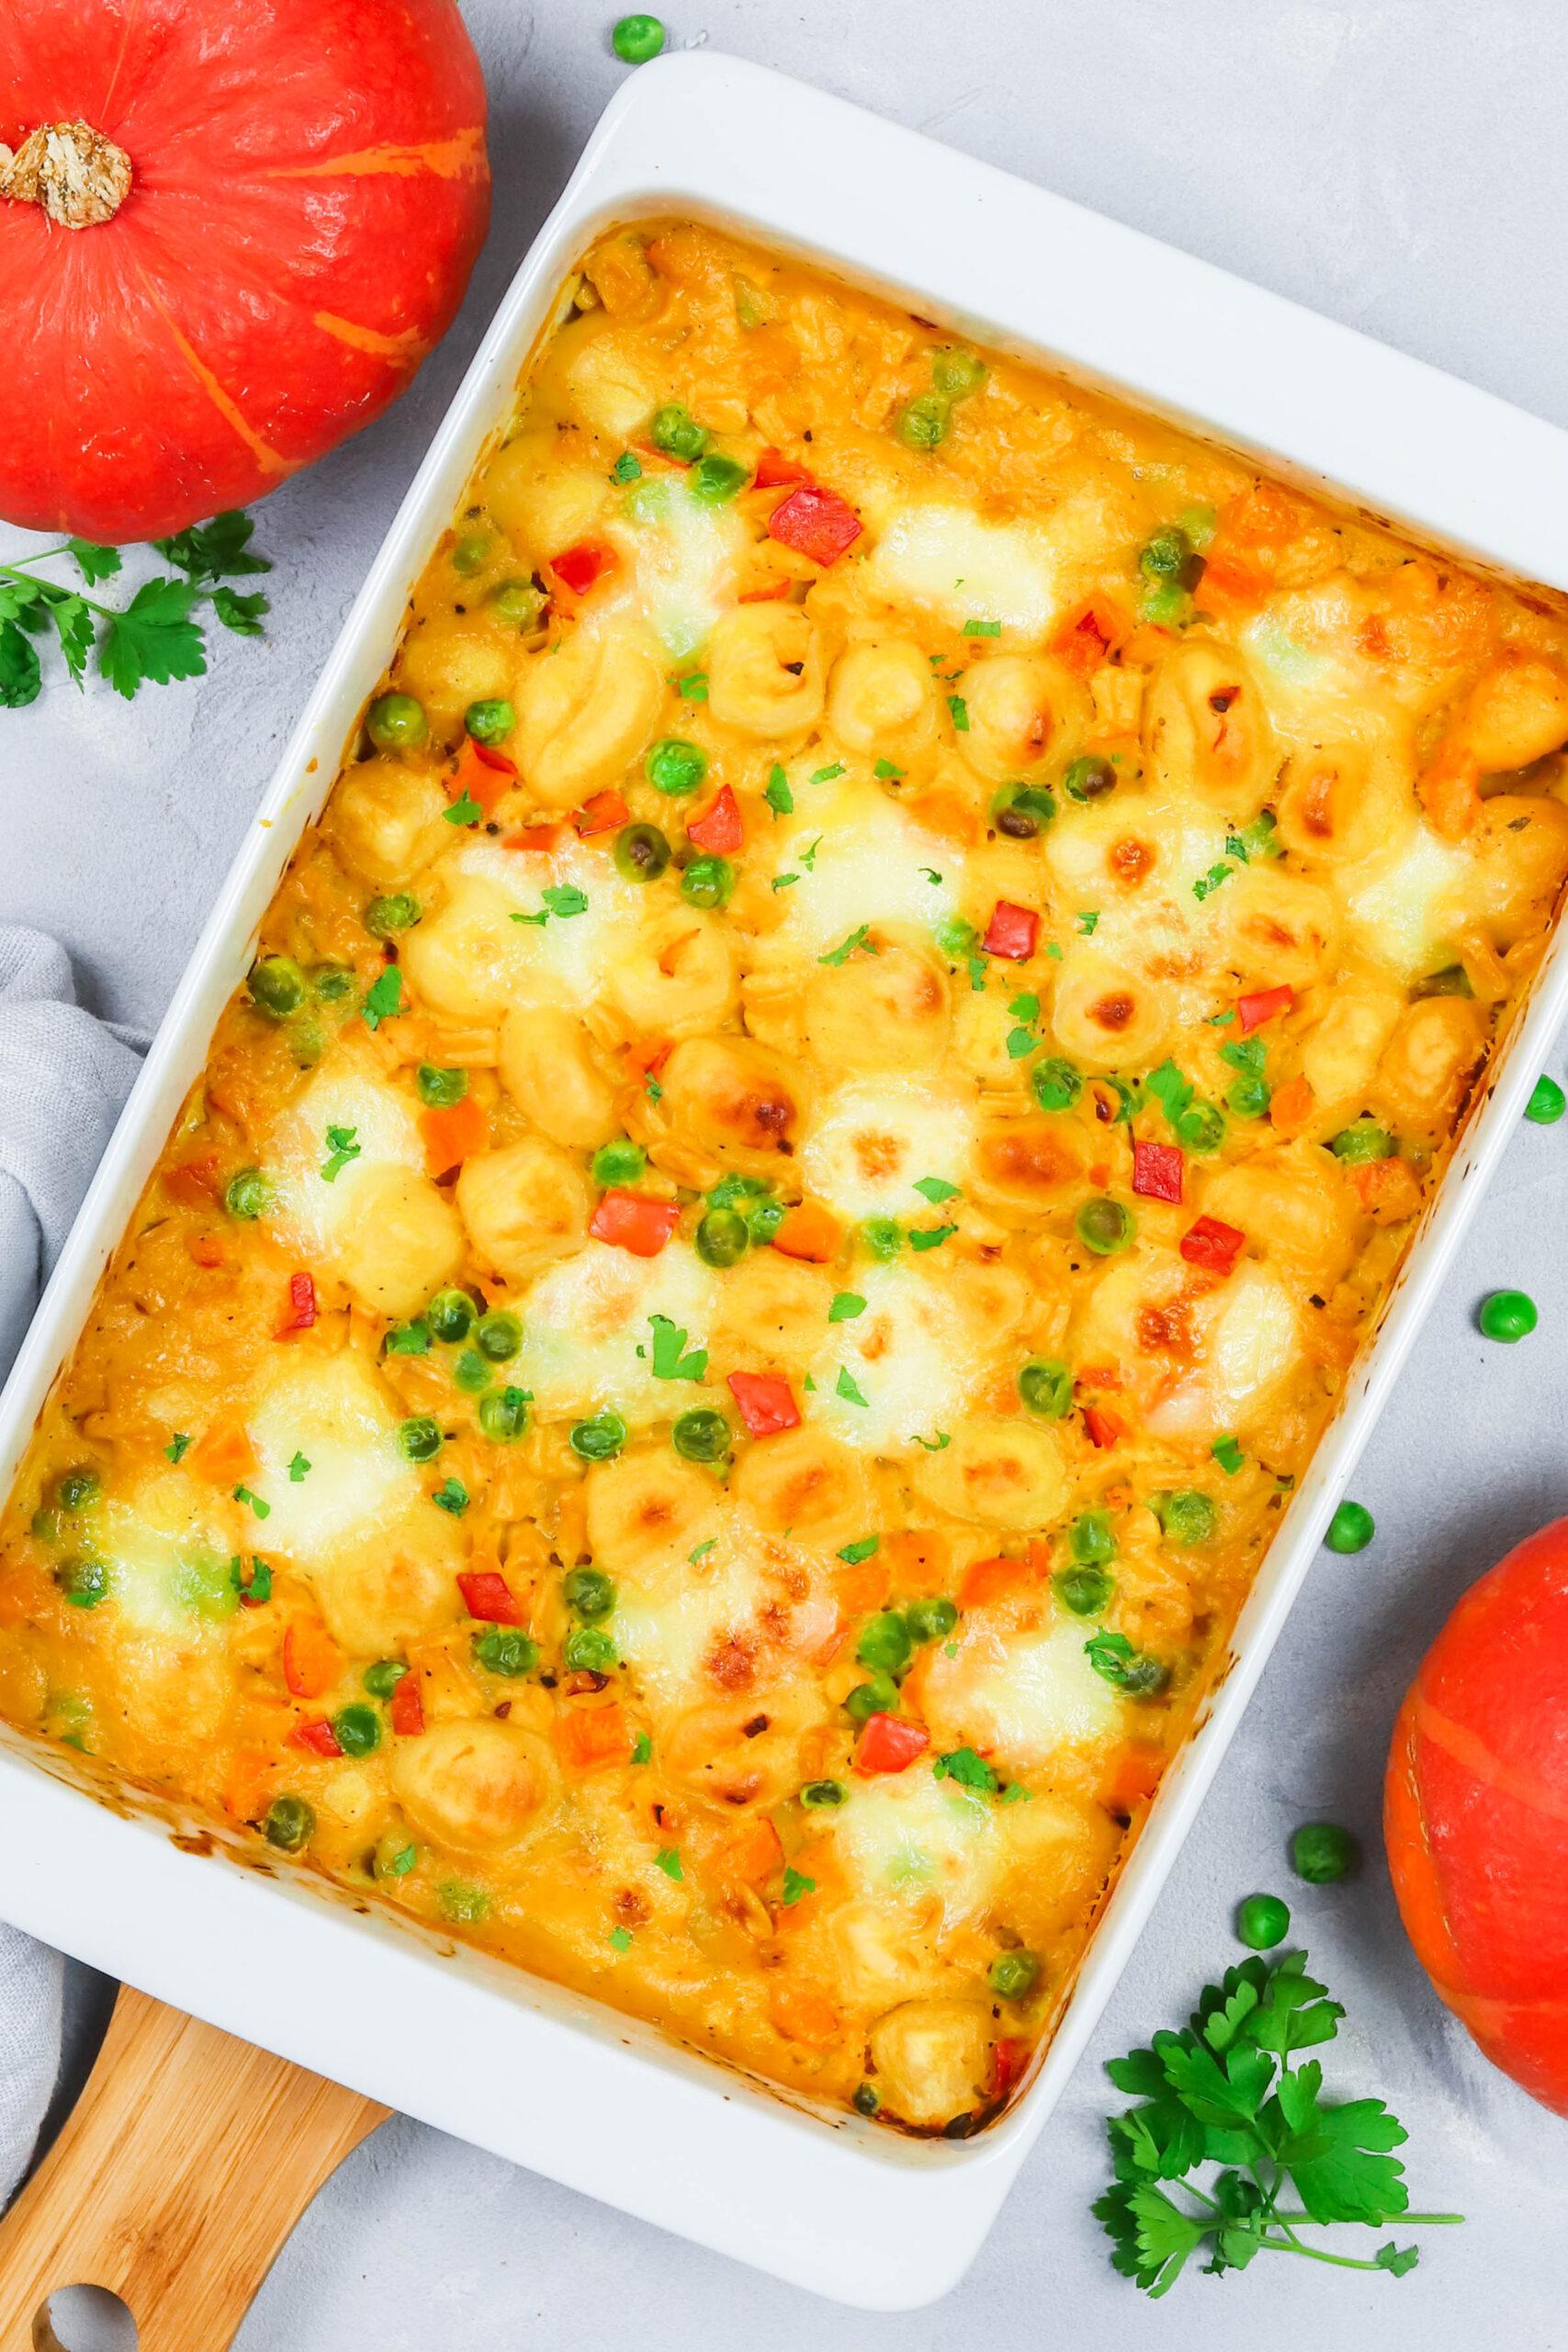 Herbstliches Soulfood: Gnocchi mit Kürbis, Erbsen und Mais - schmeckt der ganzen Familie.